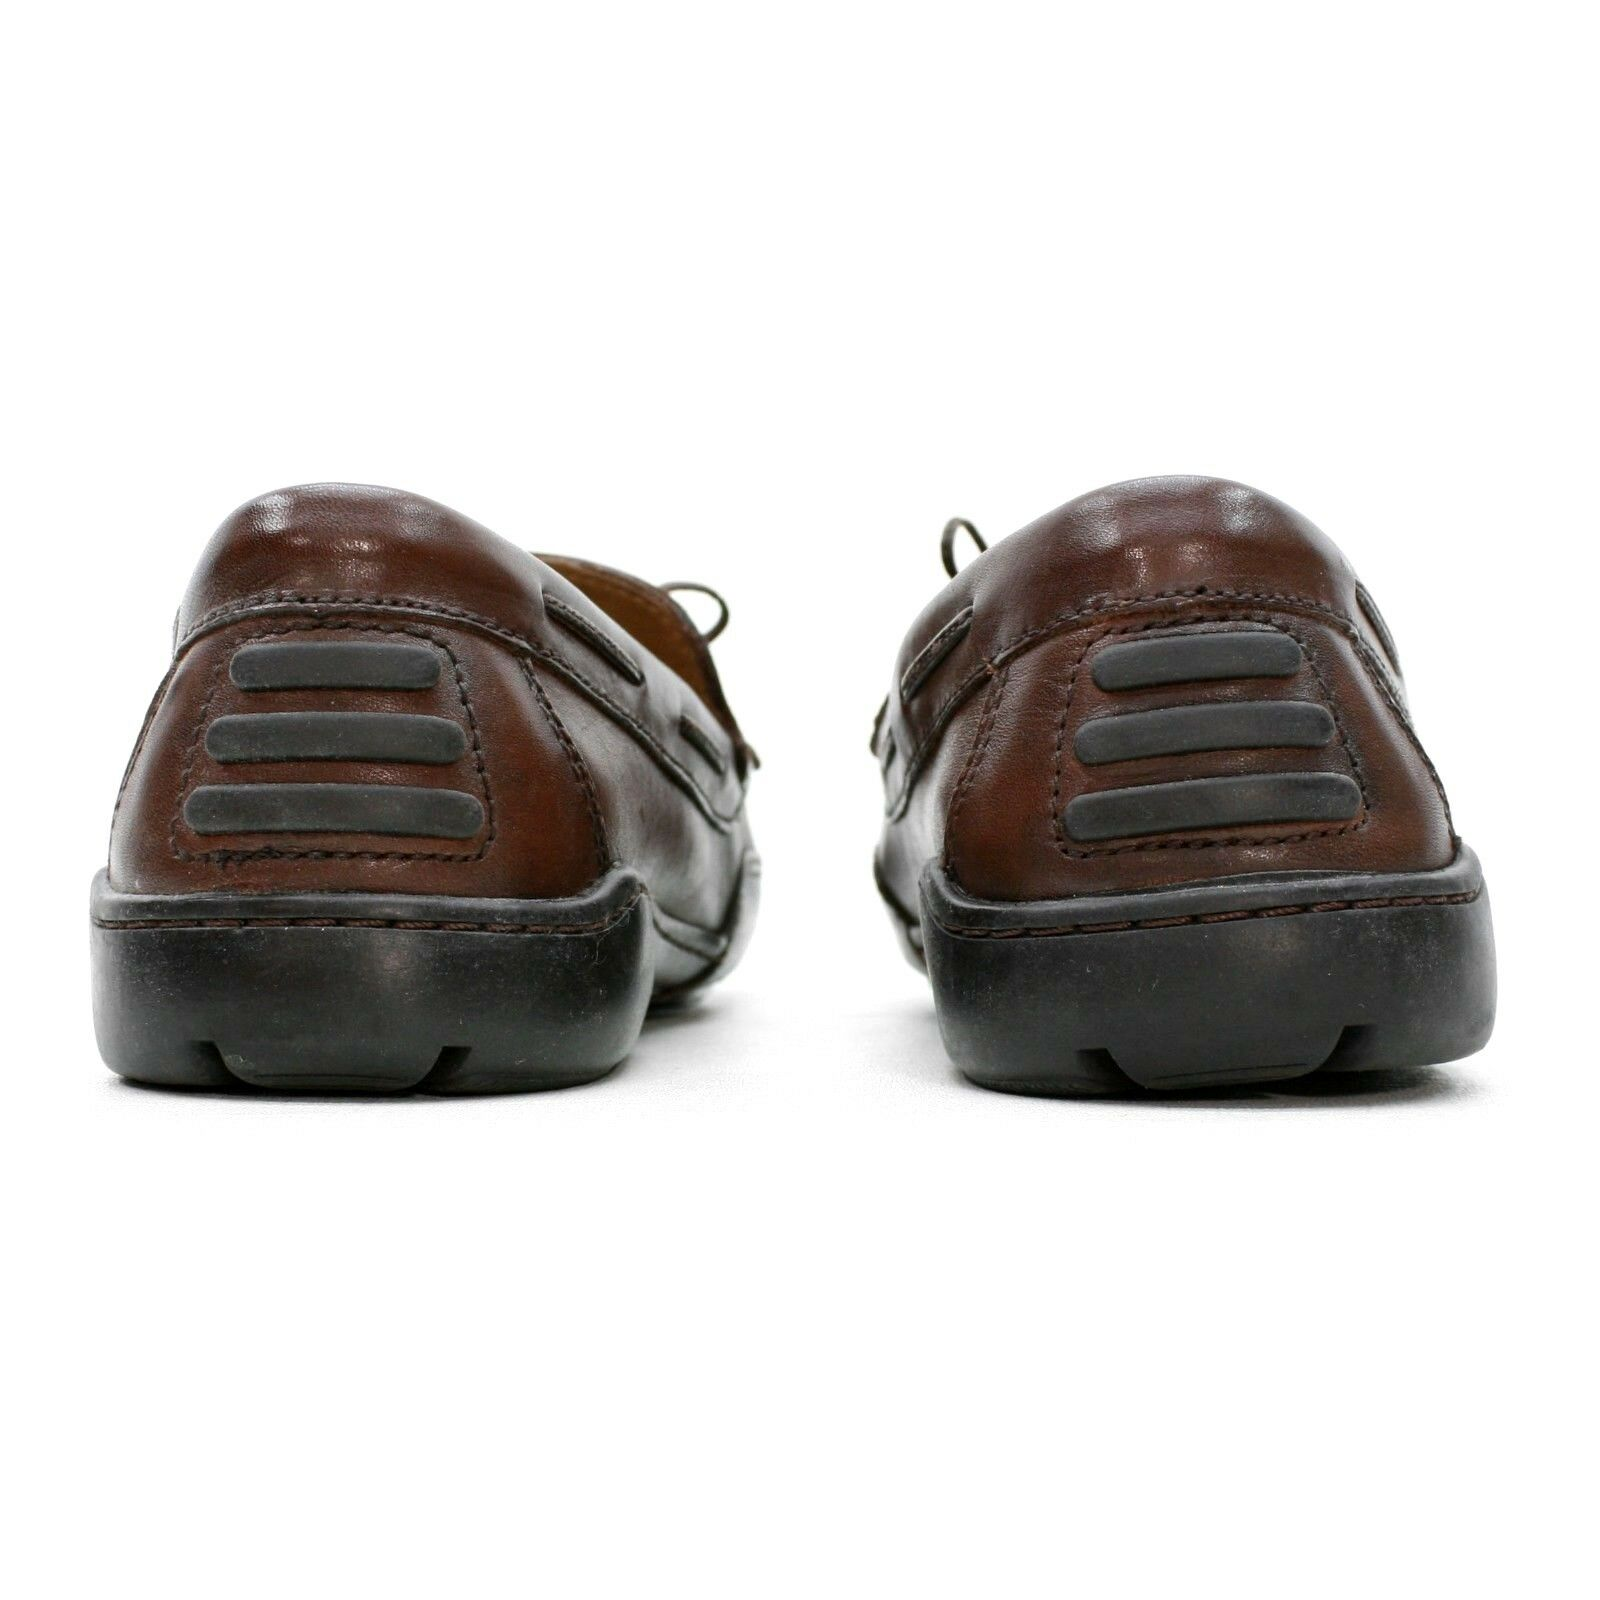 Giorgio Brutini Uomo 12 Tassel M Brown Pelle Moccasin Woven MOC Tassel 12 Kilty Loafers 6e29c9